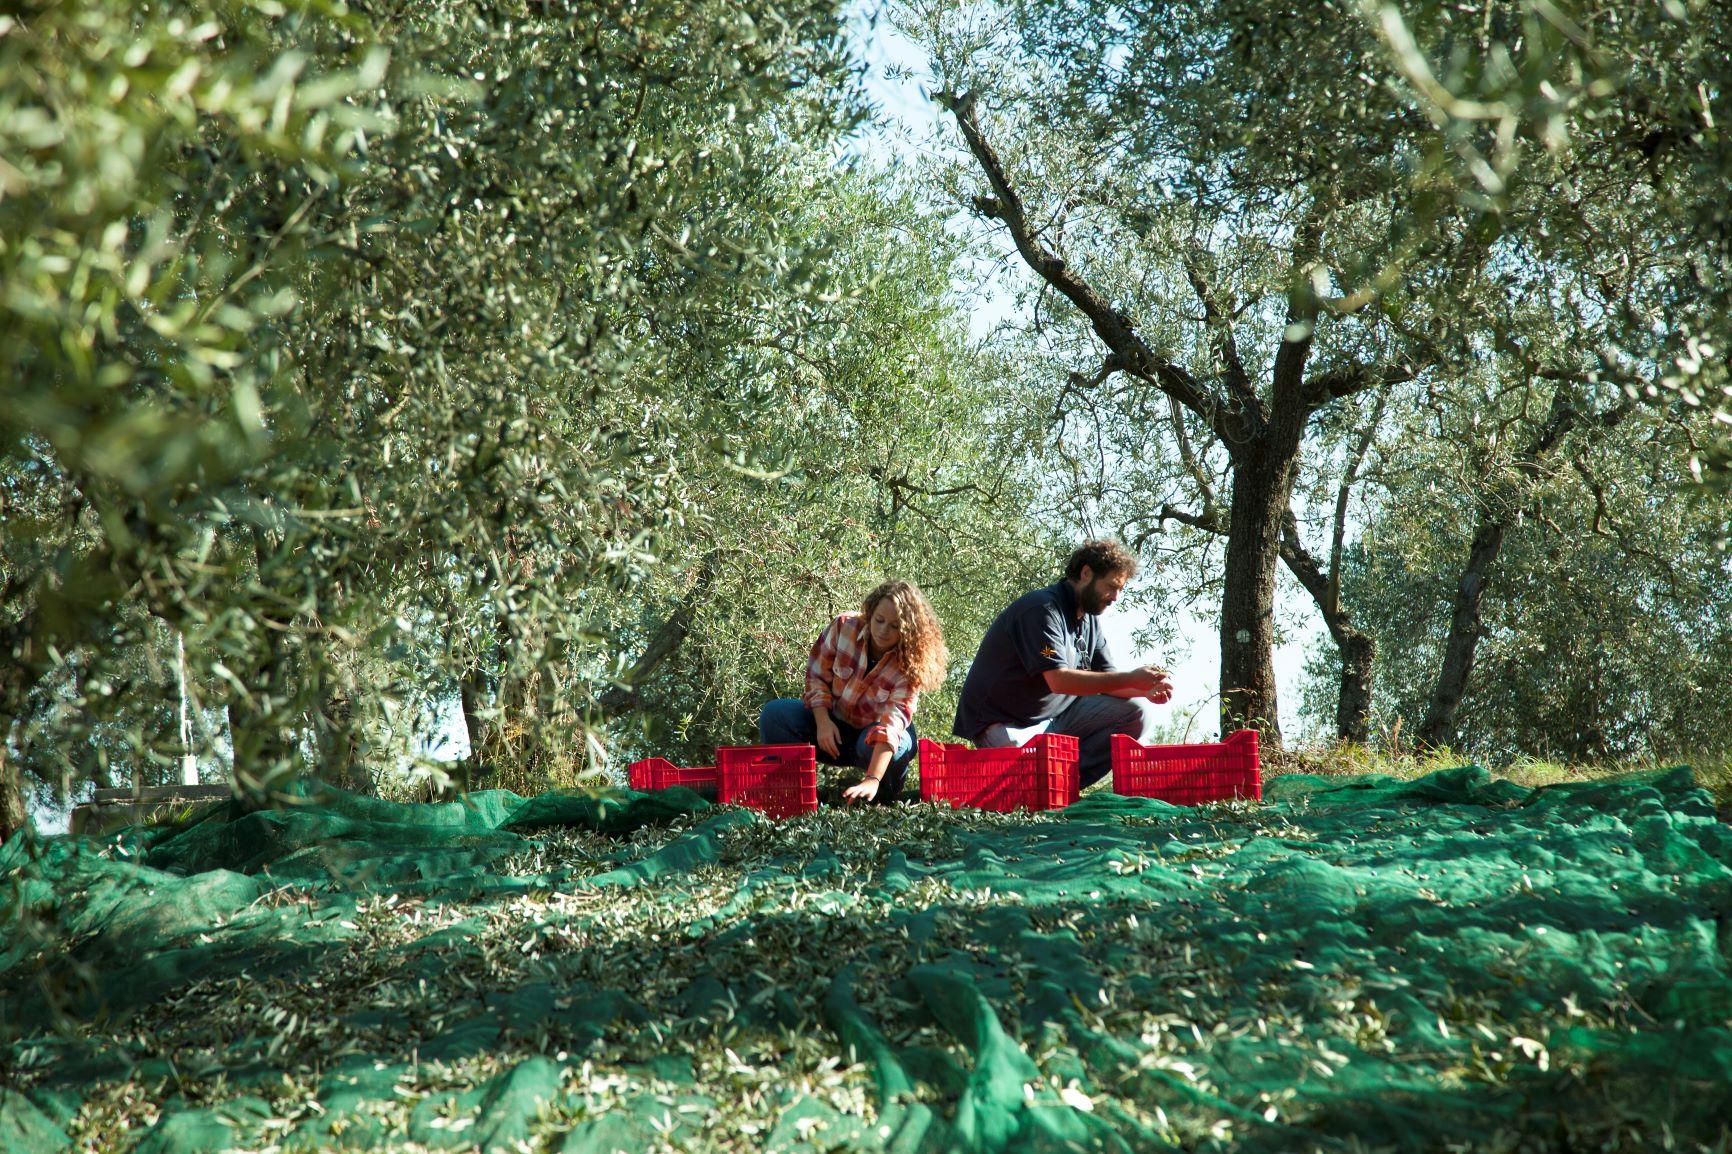 BERTOLLI Olivenernte per Hand und Netz